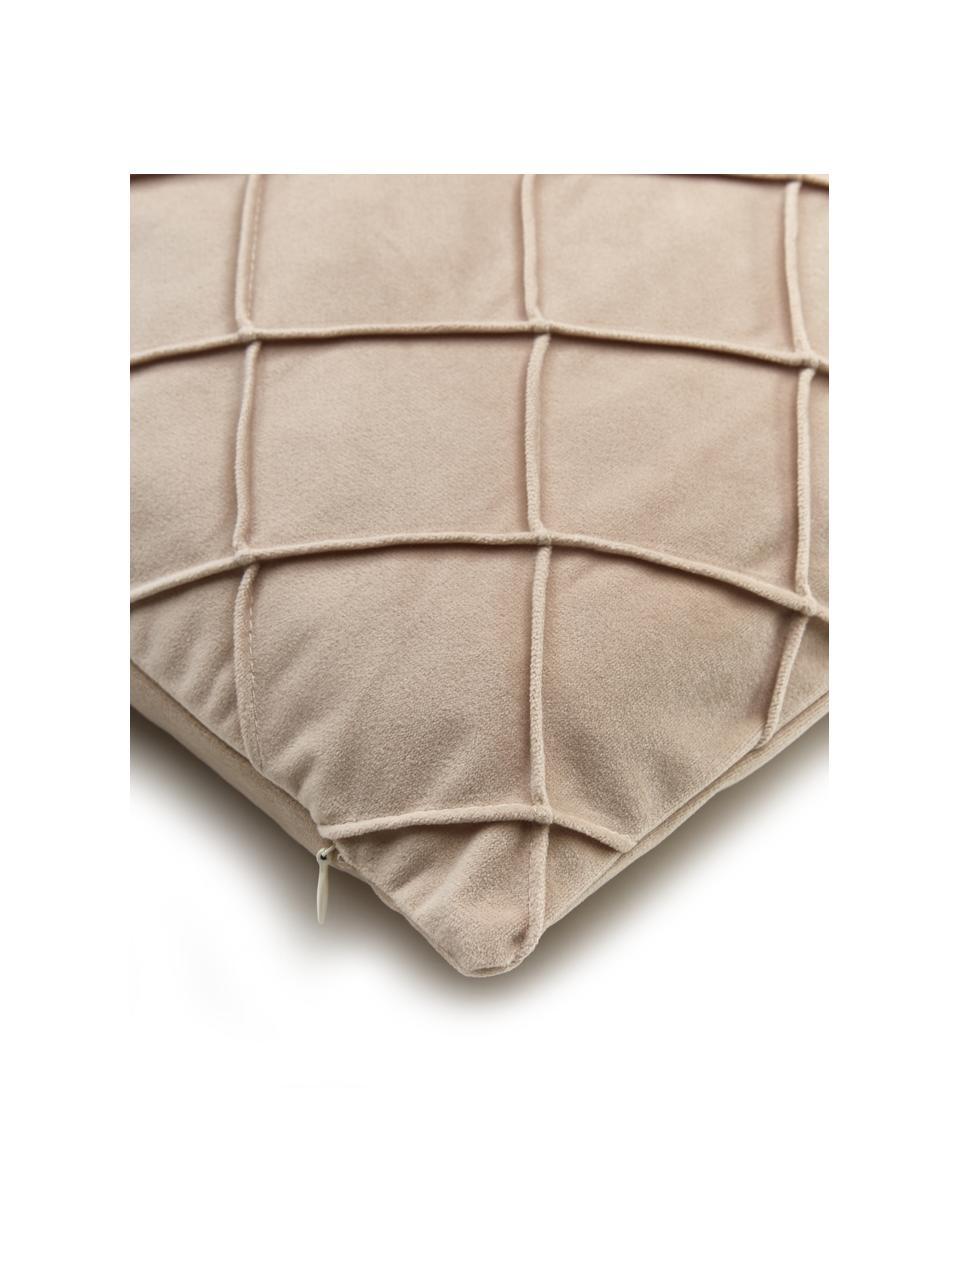 Fluwelen kussenhoes Luka in champagnekleur met structuur-ruitpatroon, Fluweel (100% polyester), Beige, 40 x 40 cm